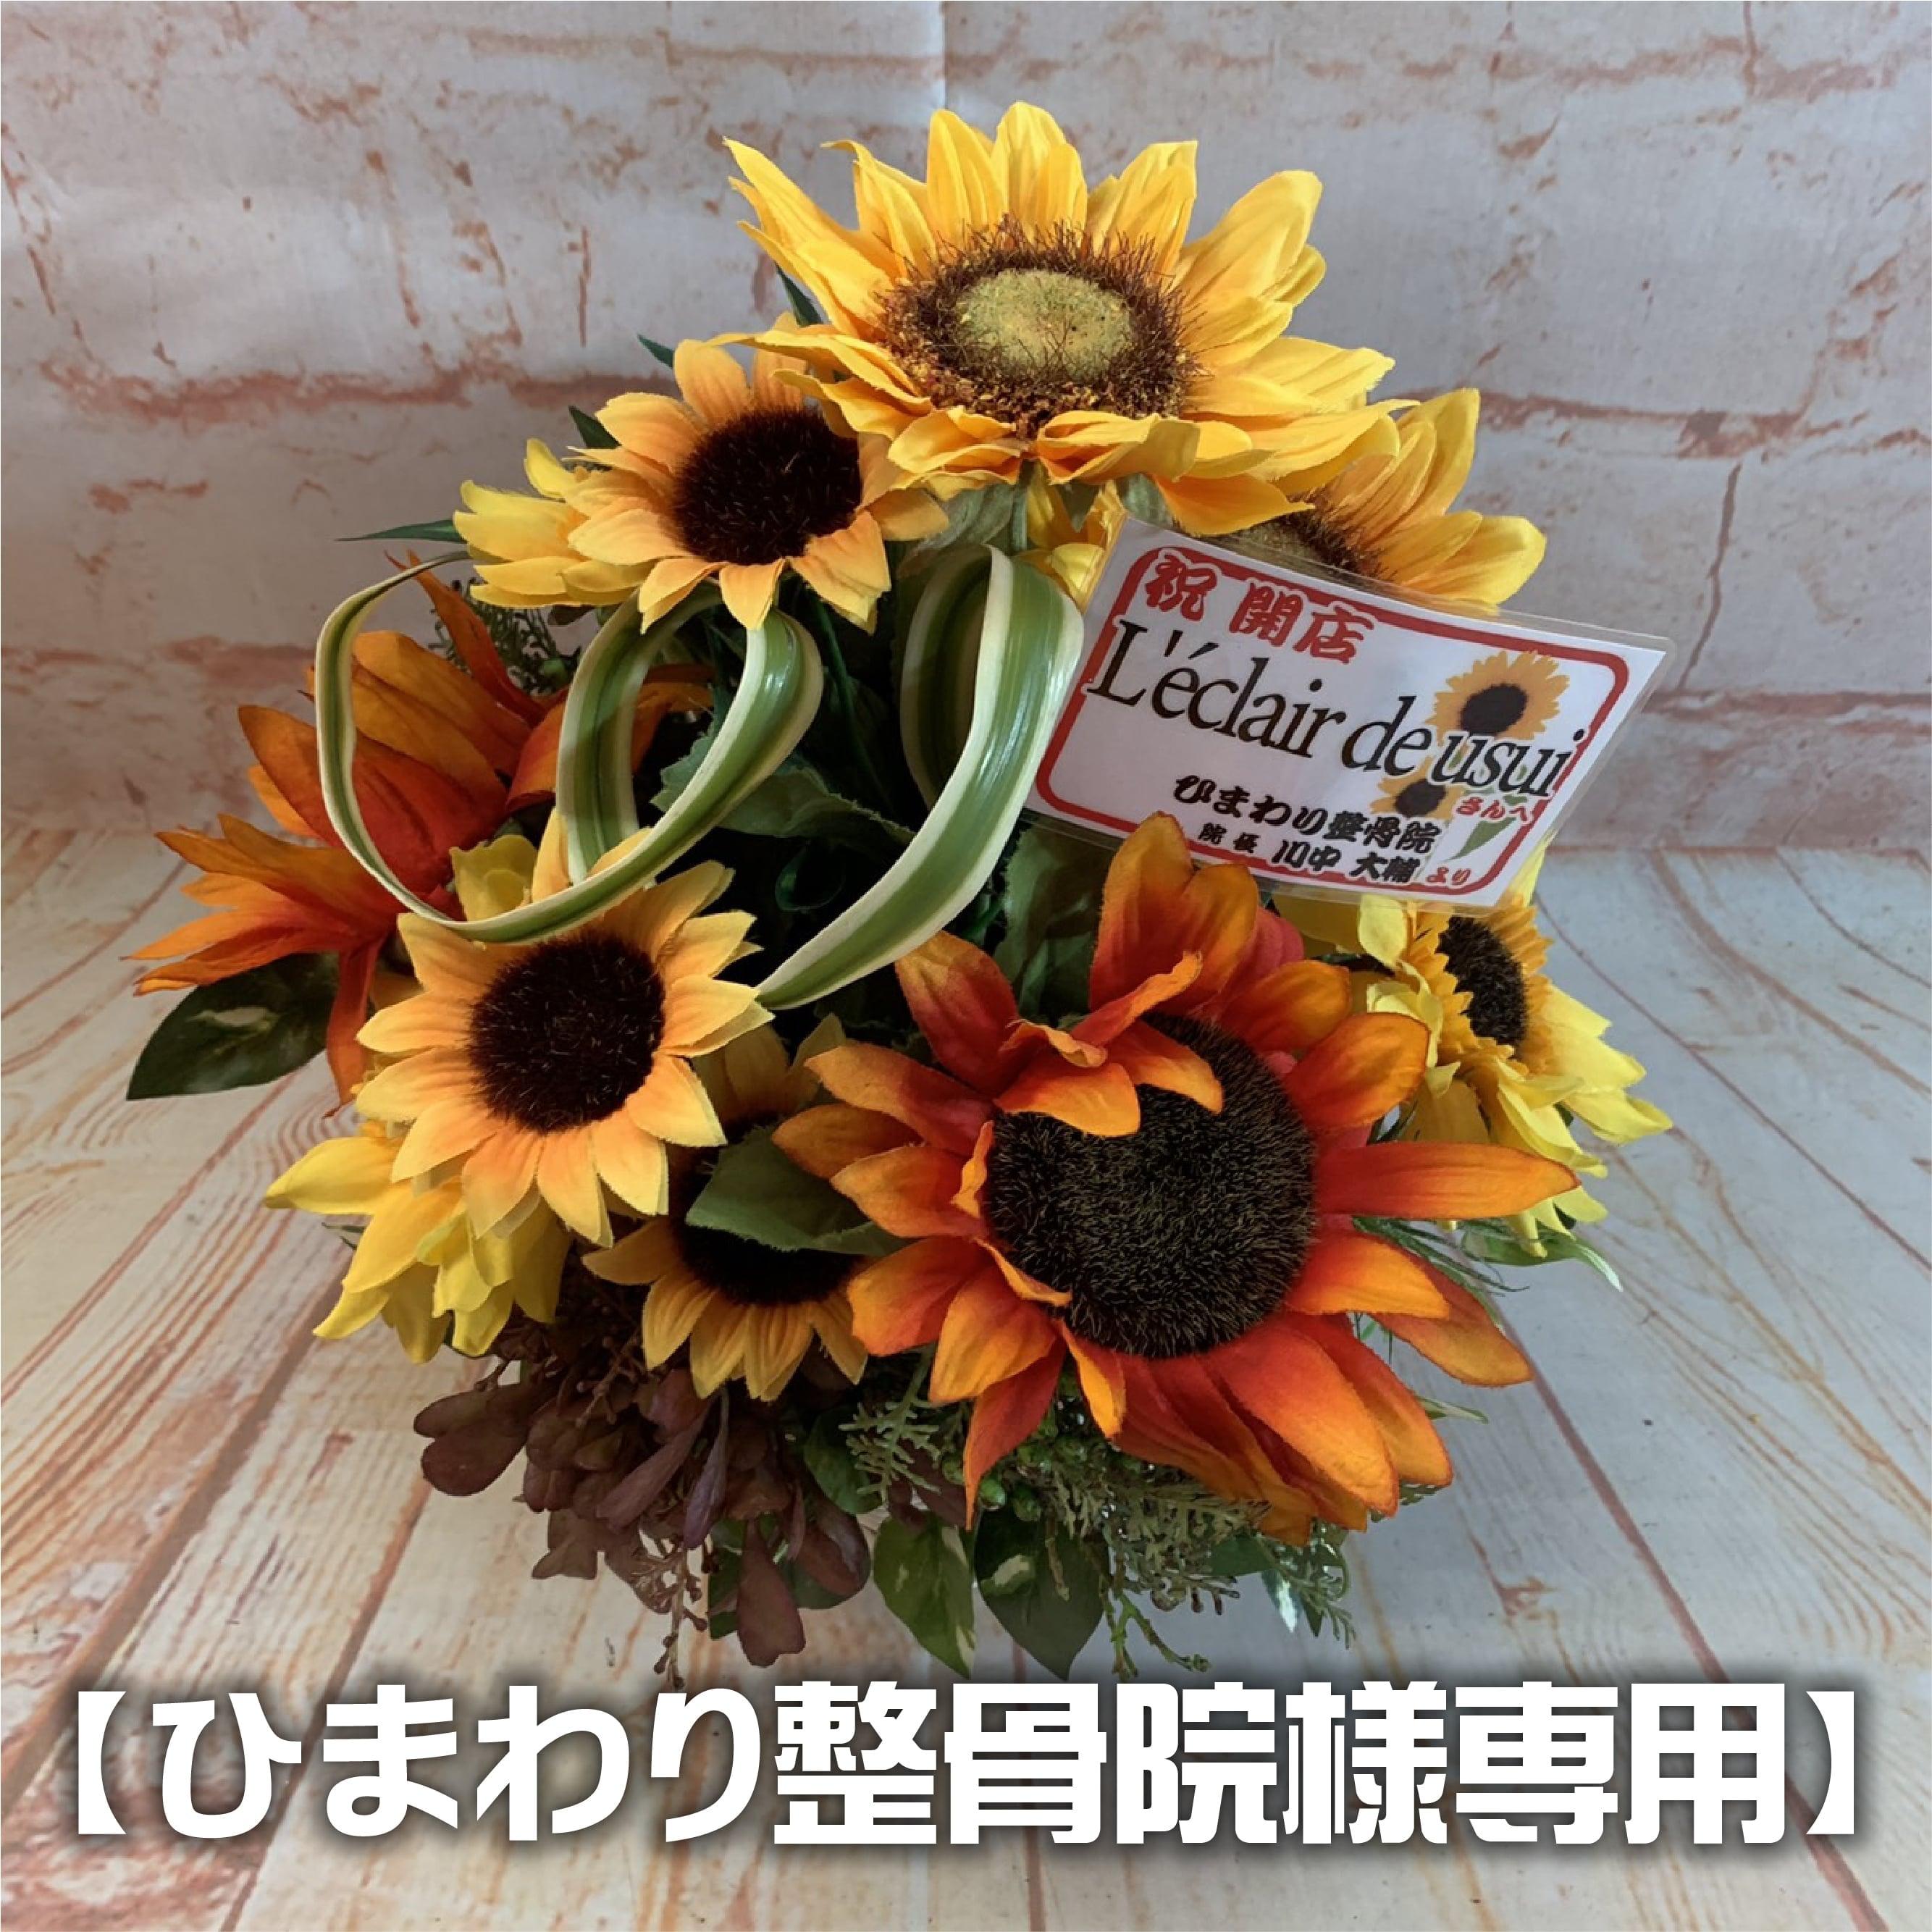 【ひまわり整骨院様専用】《卓上お祝い花》のイメージその1